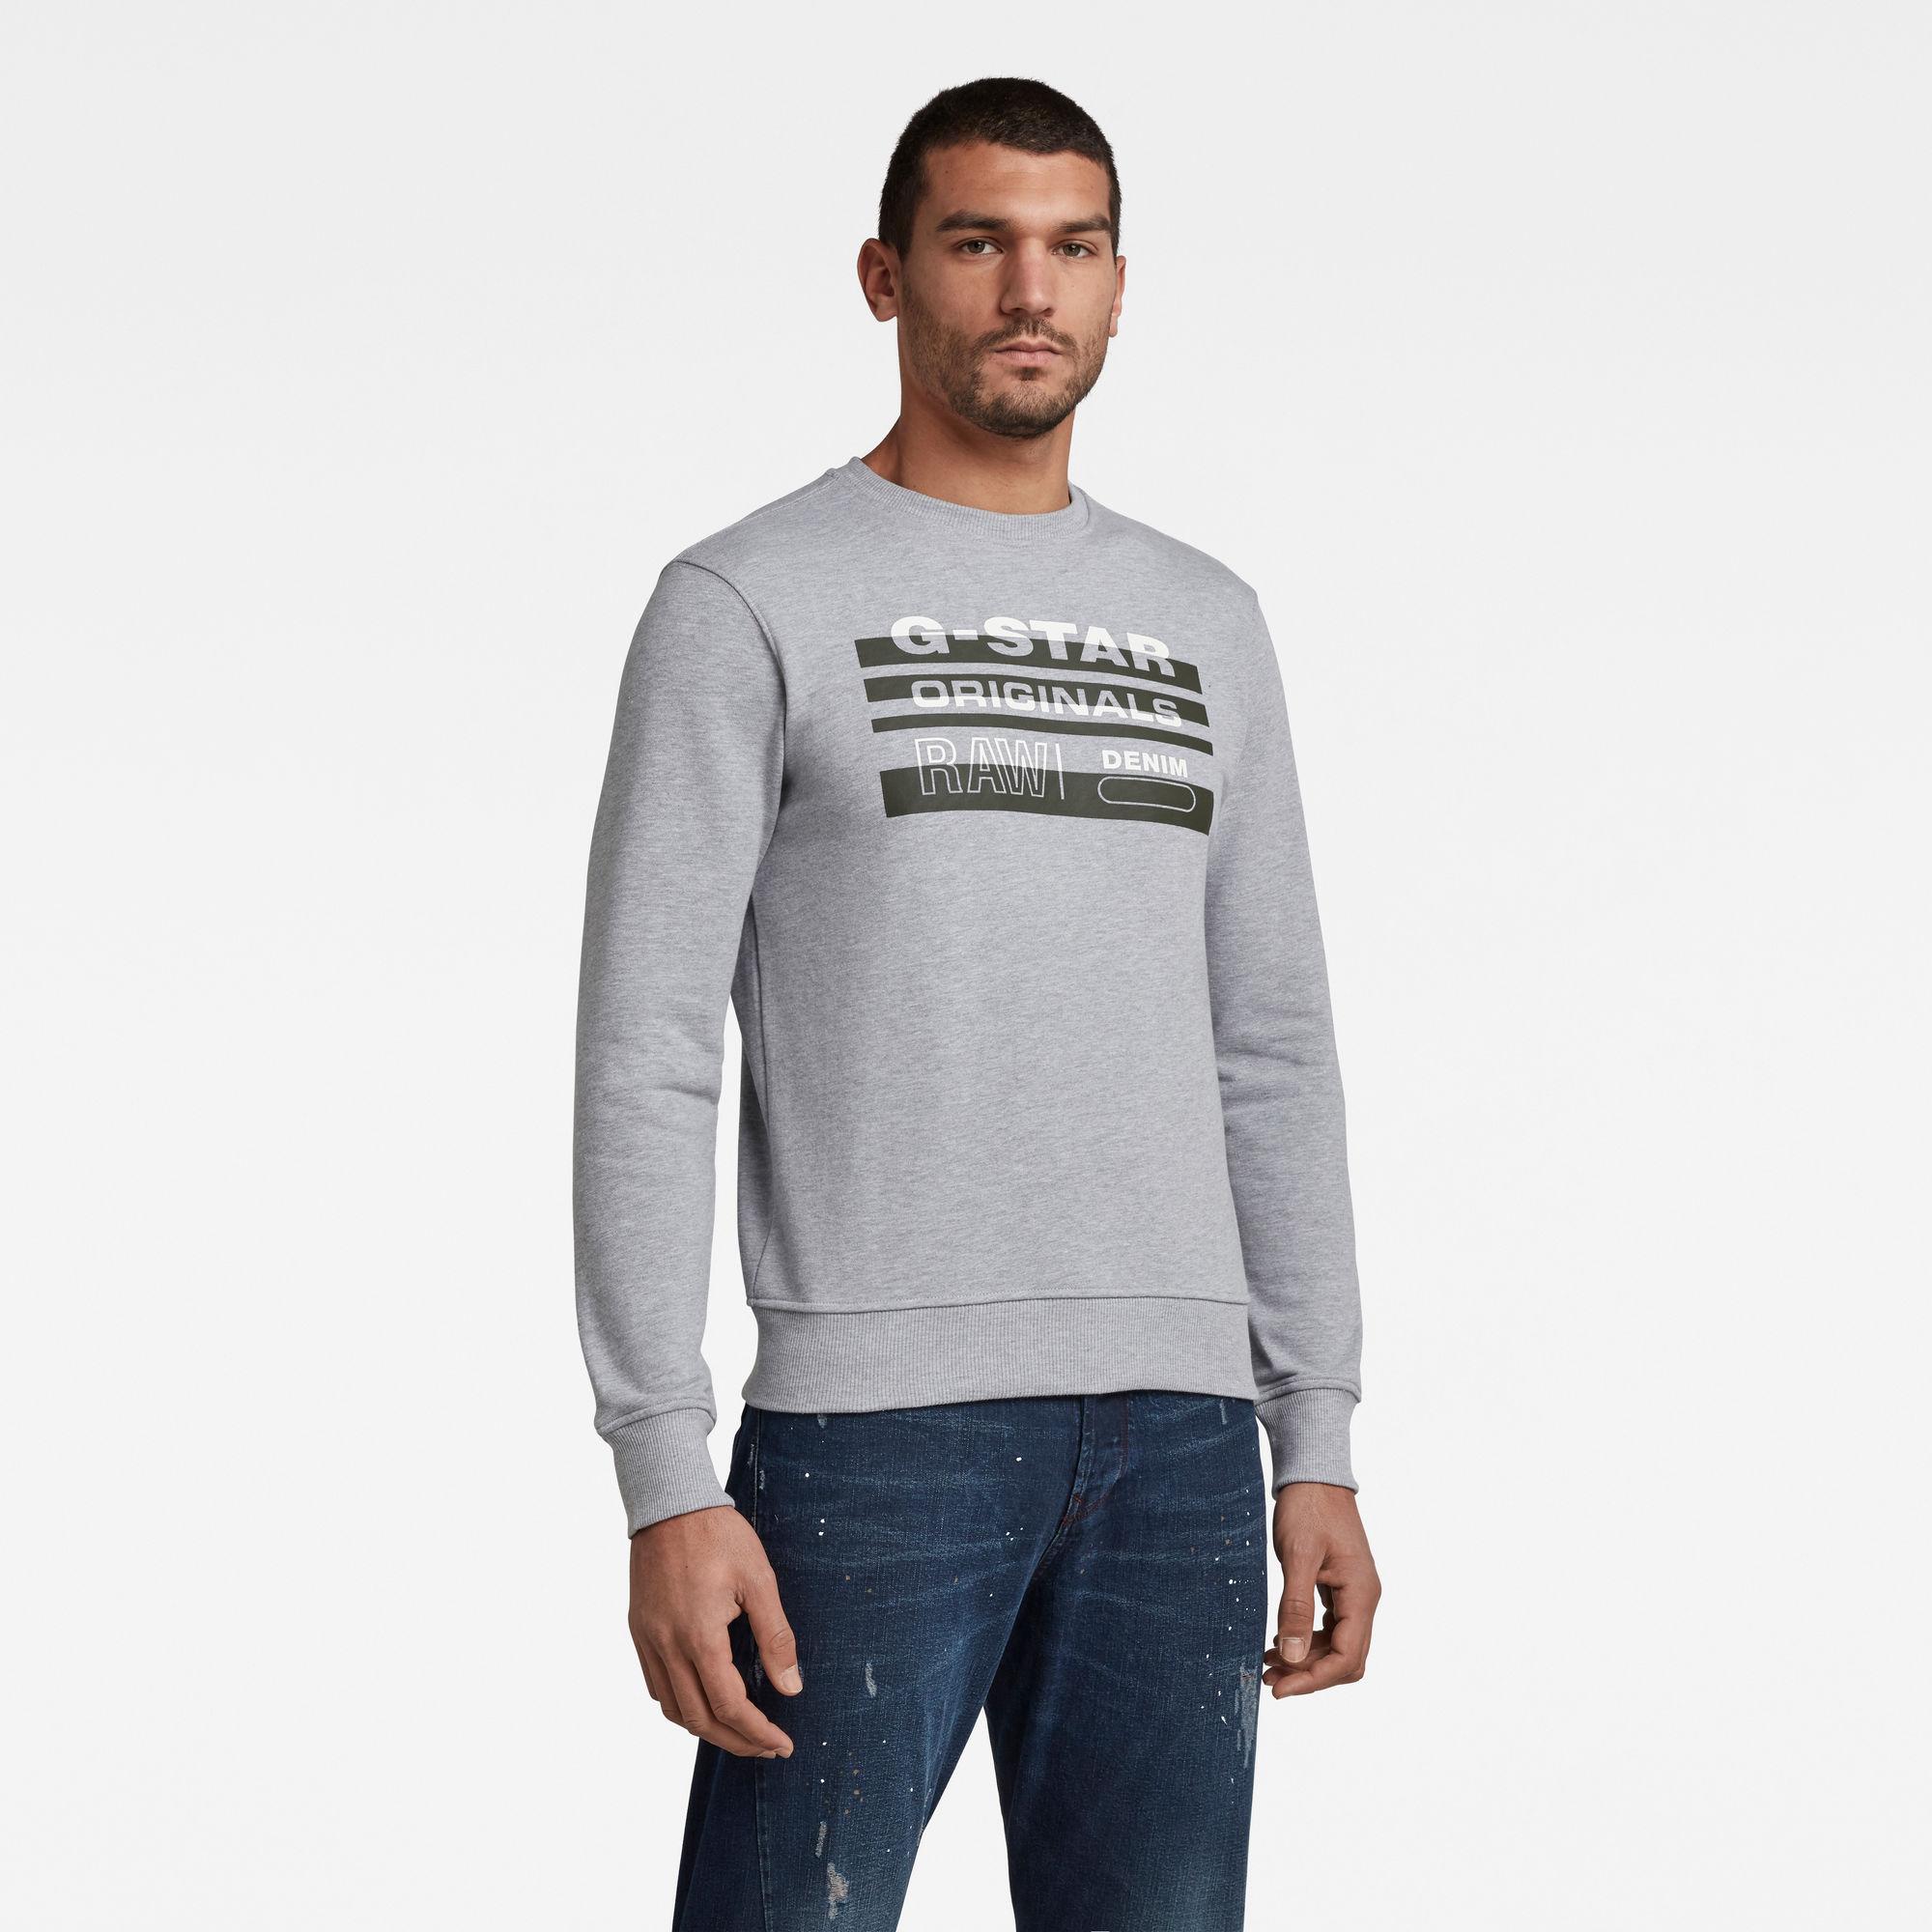 G-Star RAW Heren Originals Sweater Grijs